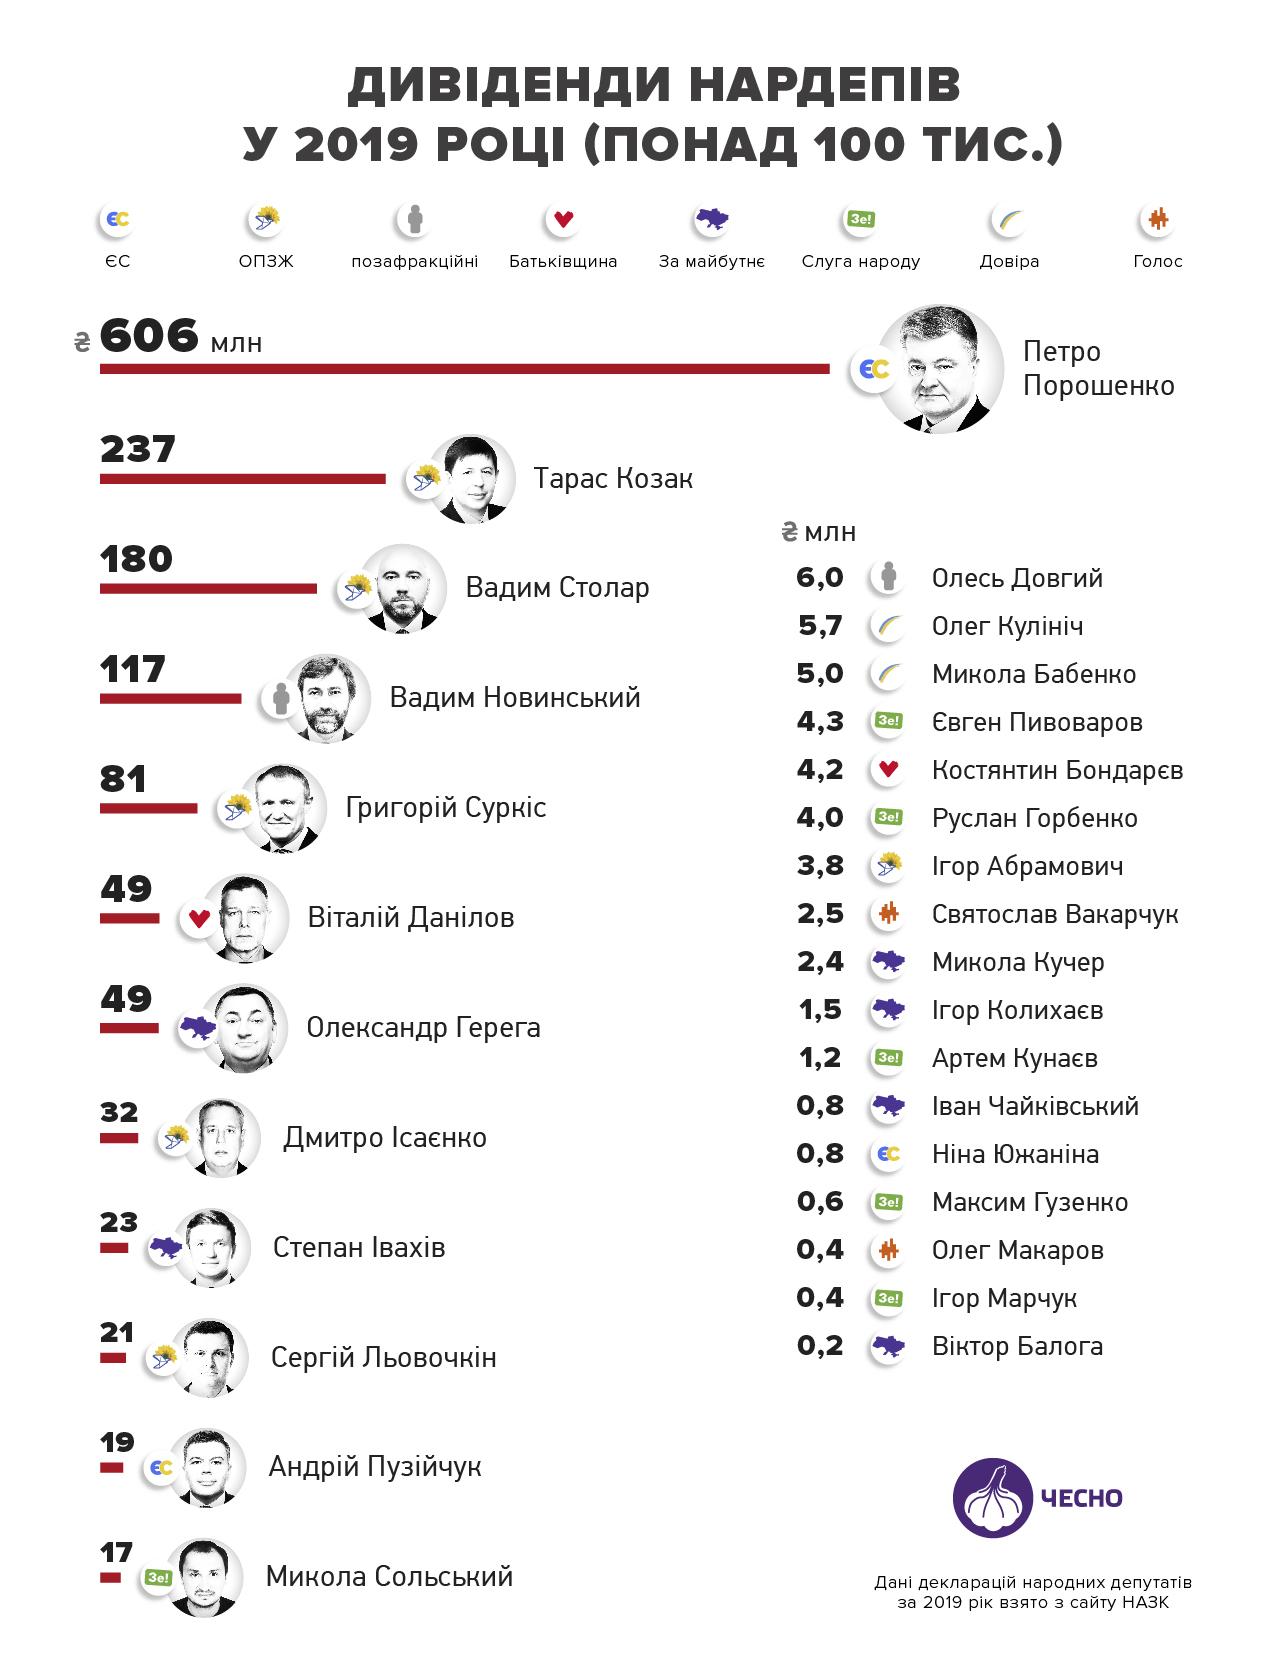 В лидерах – Столар и Порошенко: кто заработал больше всех дивидендов в 2019 году - фото 2